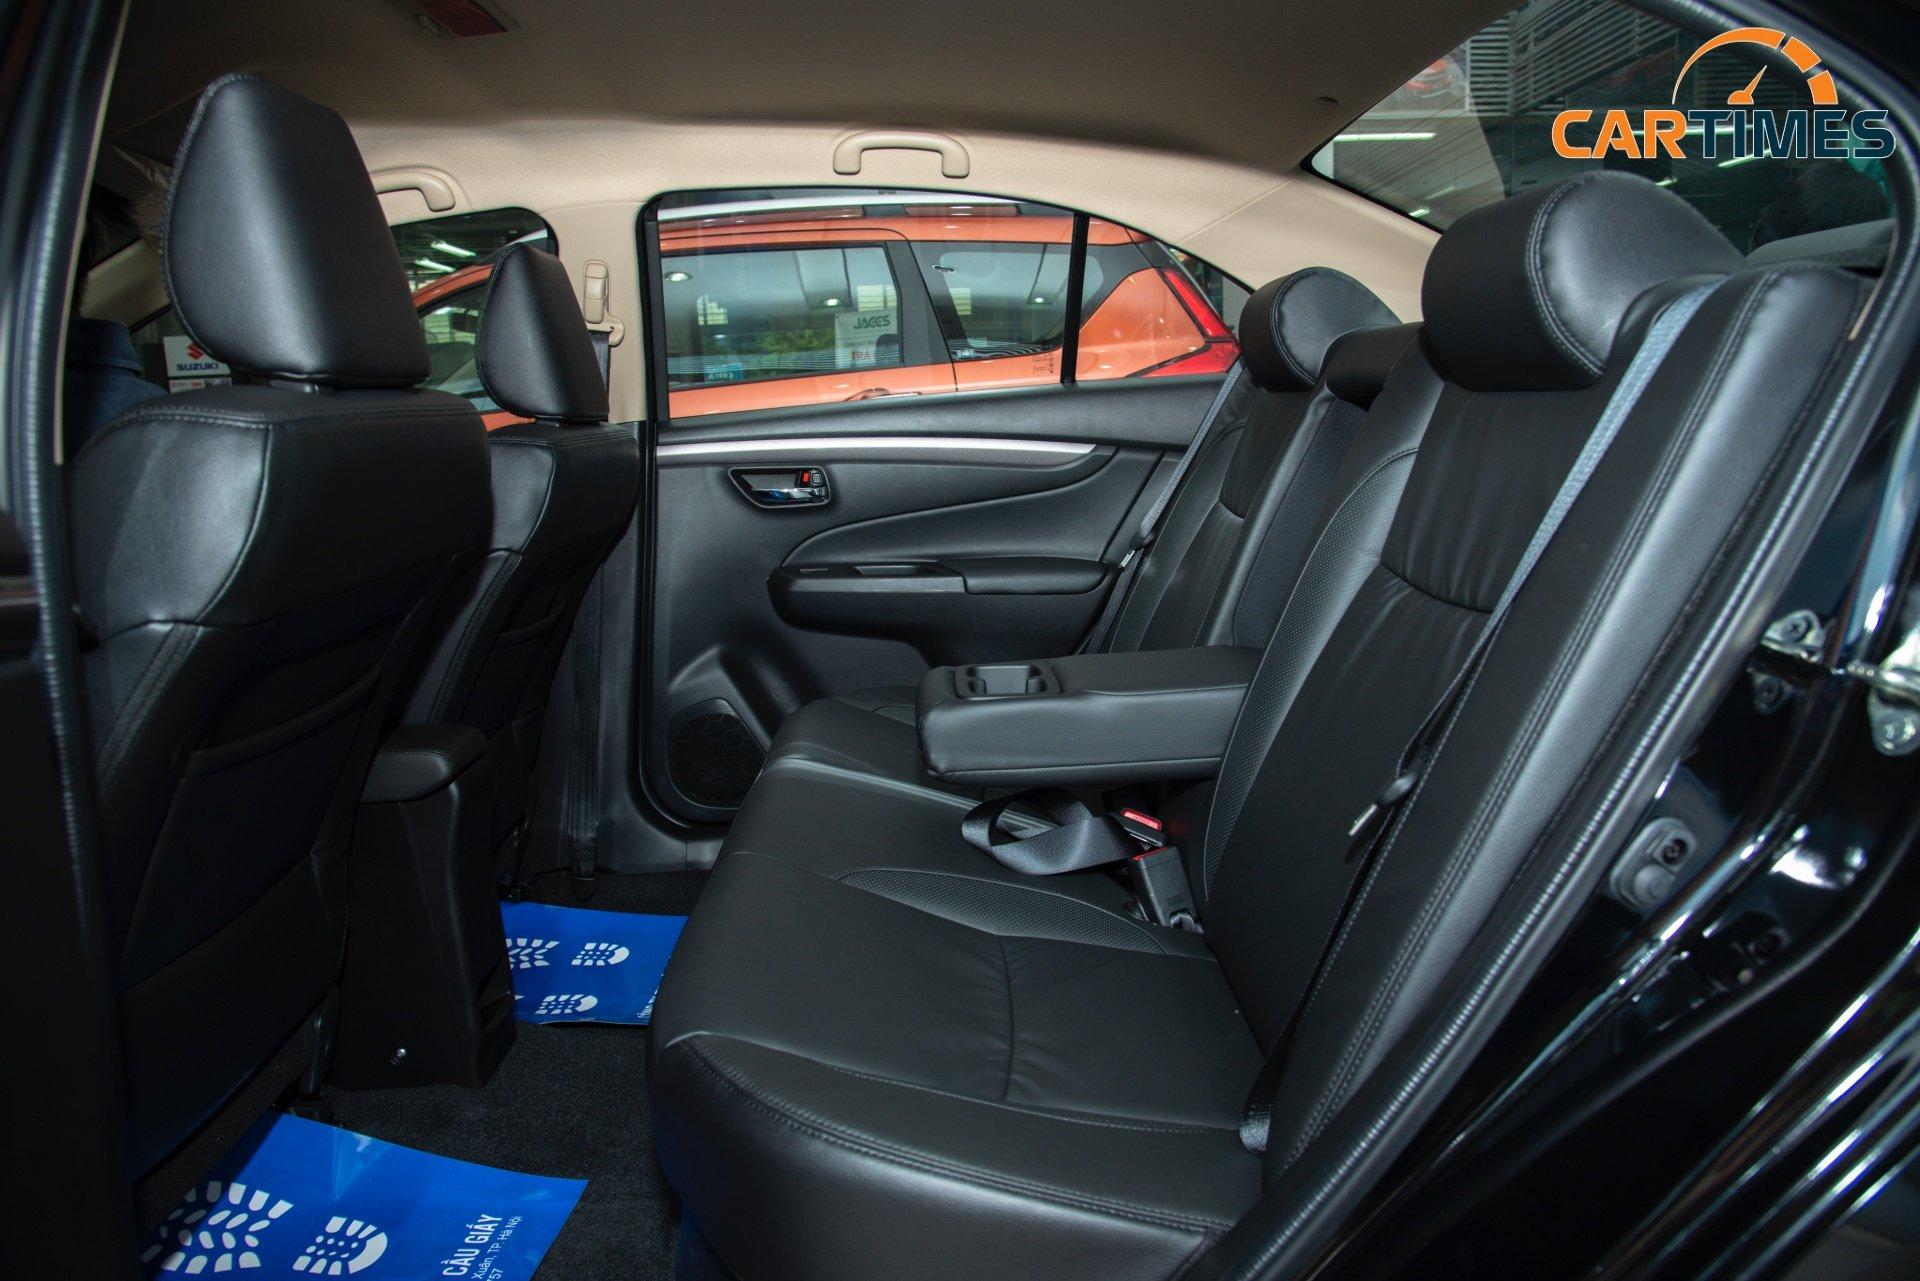 Chi tiết xe Suzuki Ciaz 2020 tại đại lý: Nâng cấp ngoại thất, tích hợp sẵn camera hành trình -6